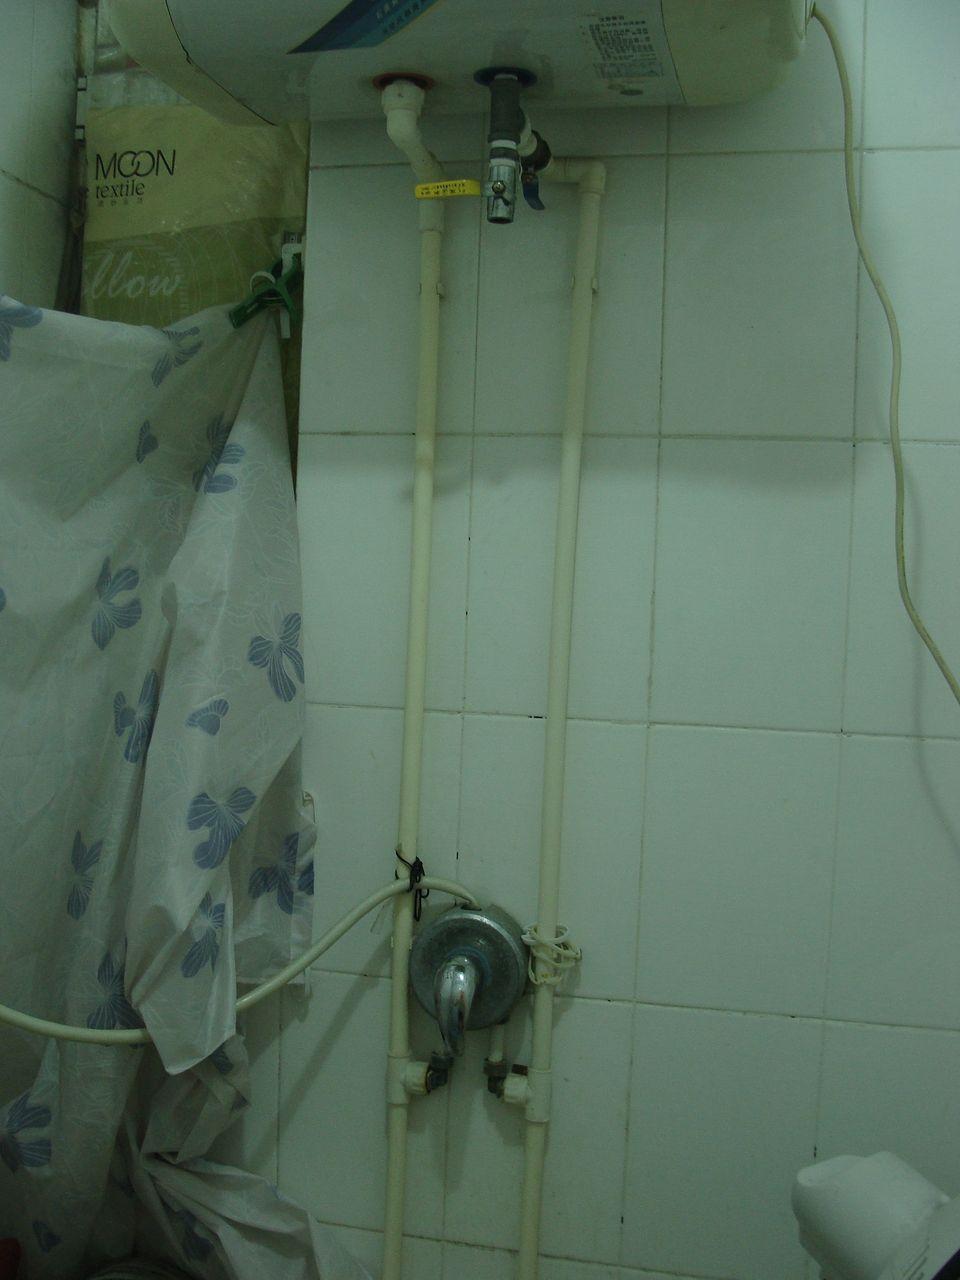 请问这水管走的对吗?左侧是热水管,右侧是凉水管.图片